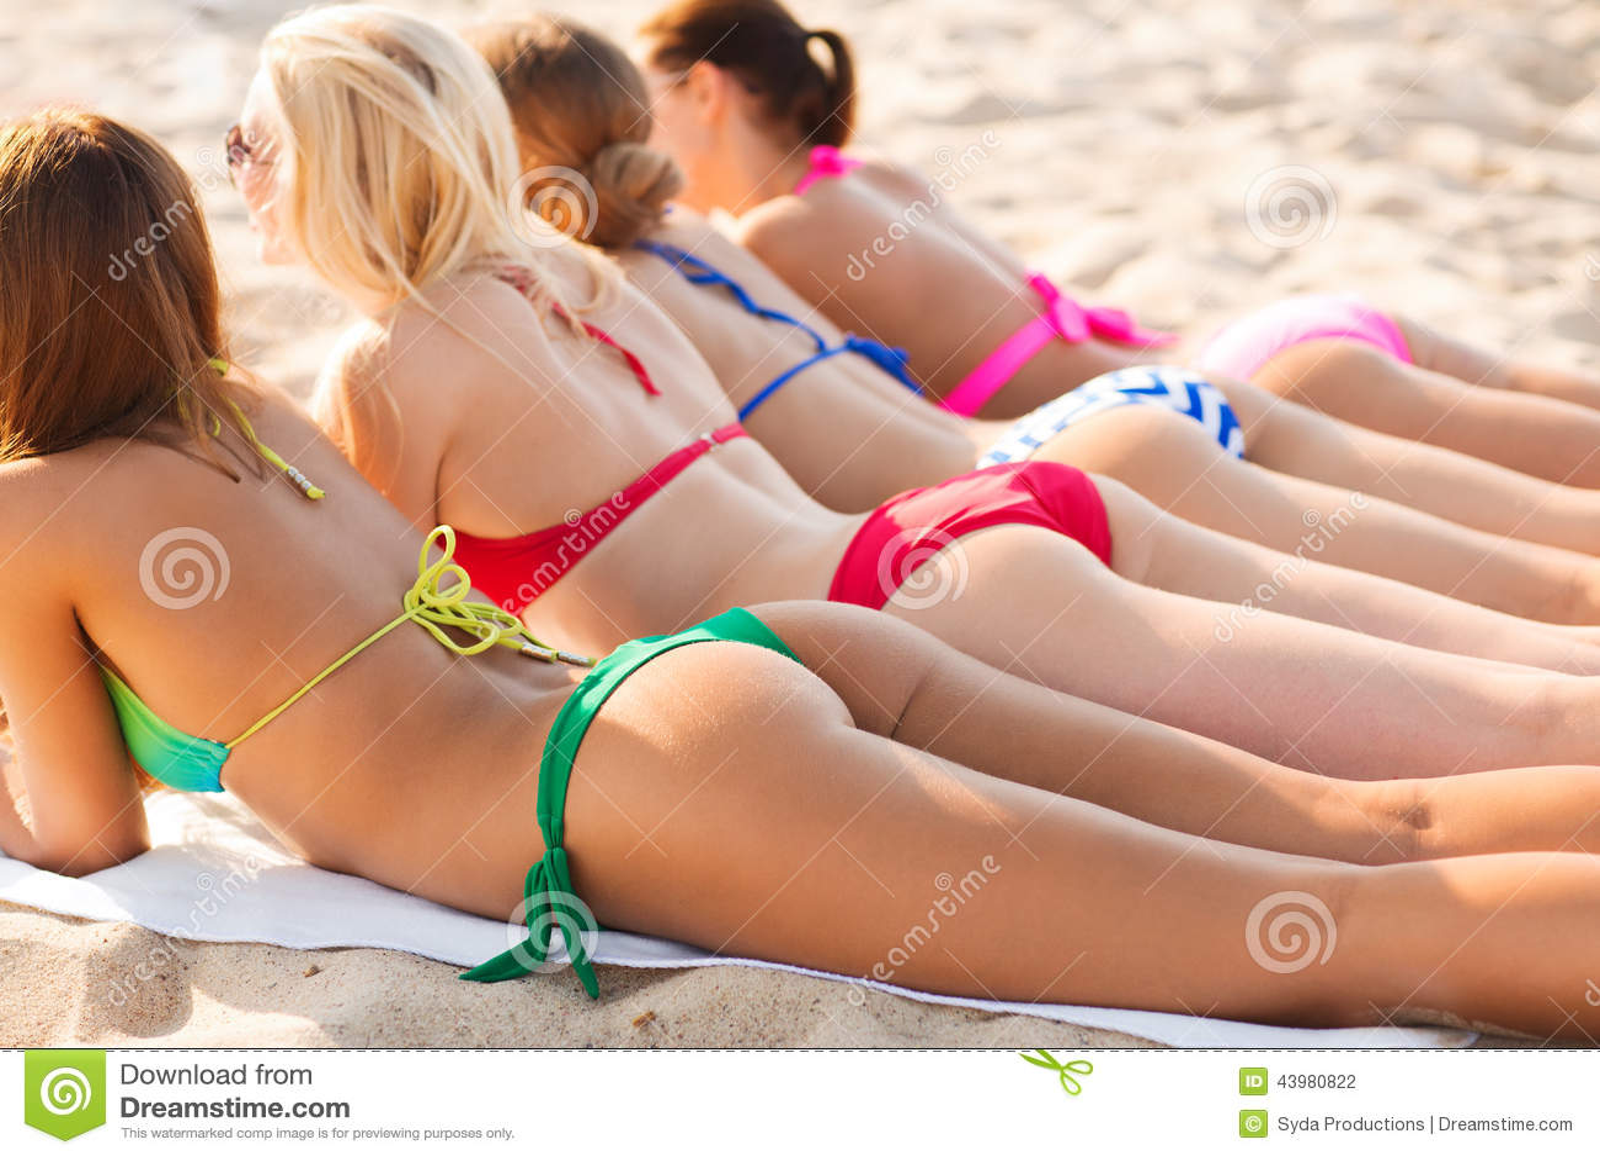 фото женщин лежа